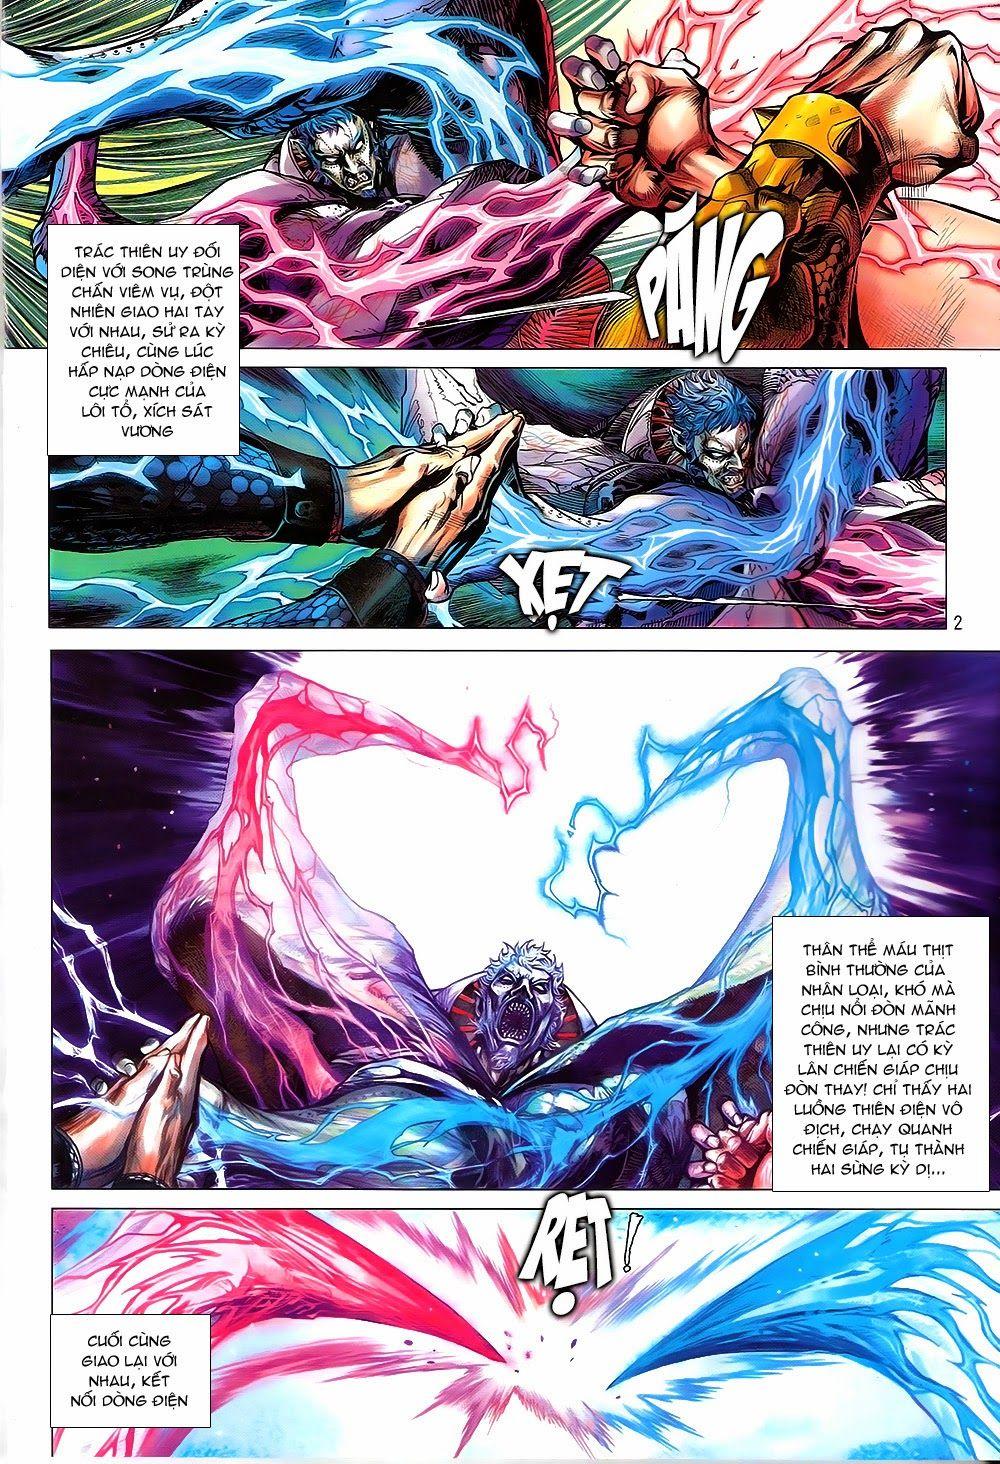 truyện tranh thiết tướng tung hoành Chapter 83/